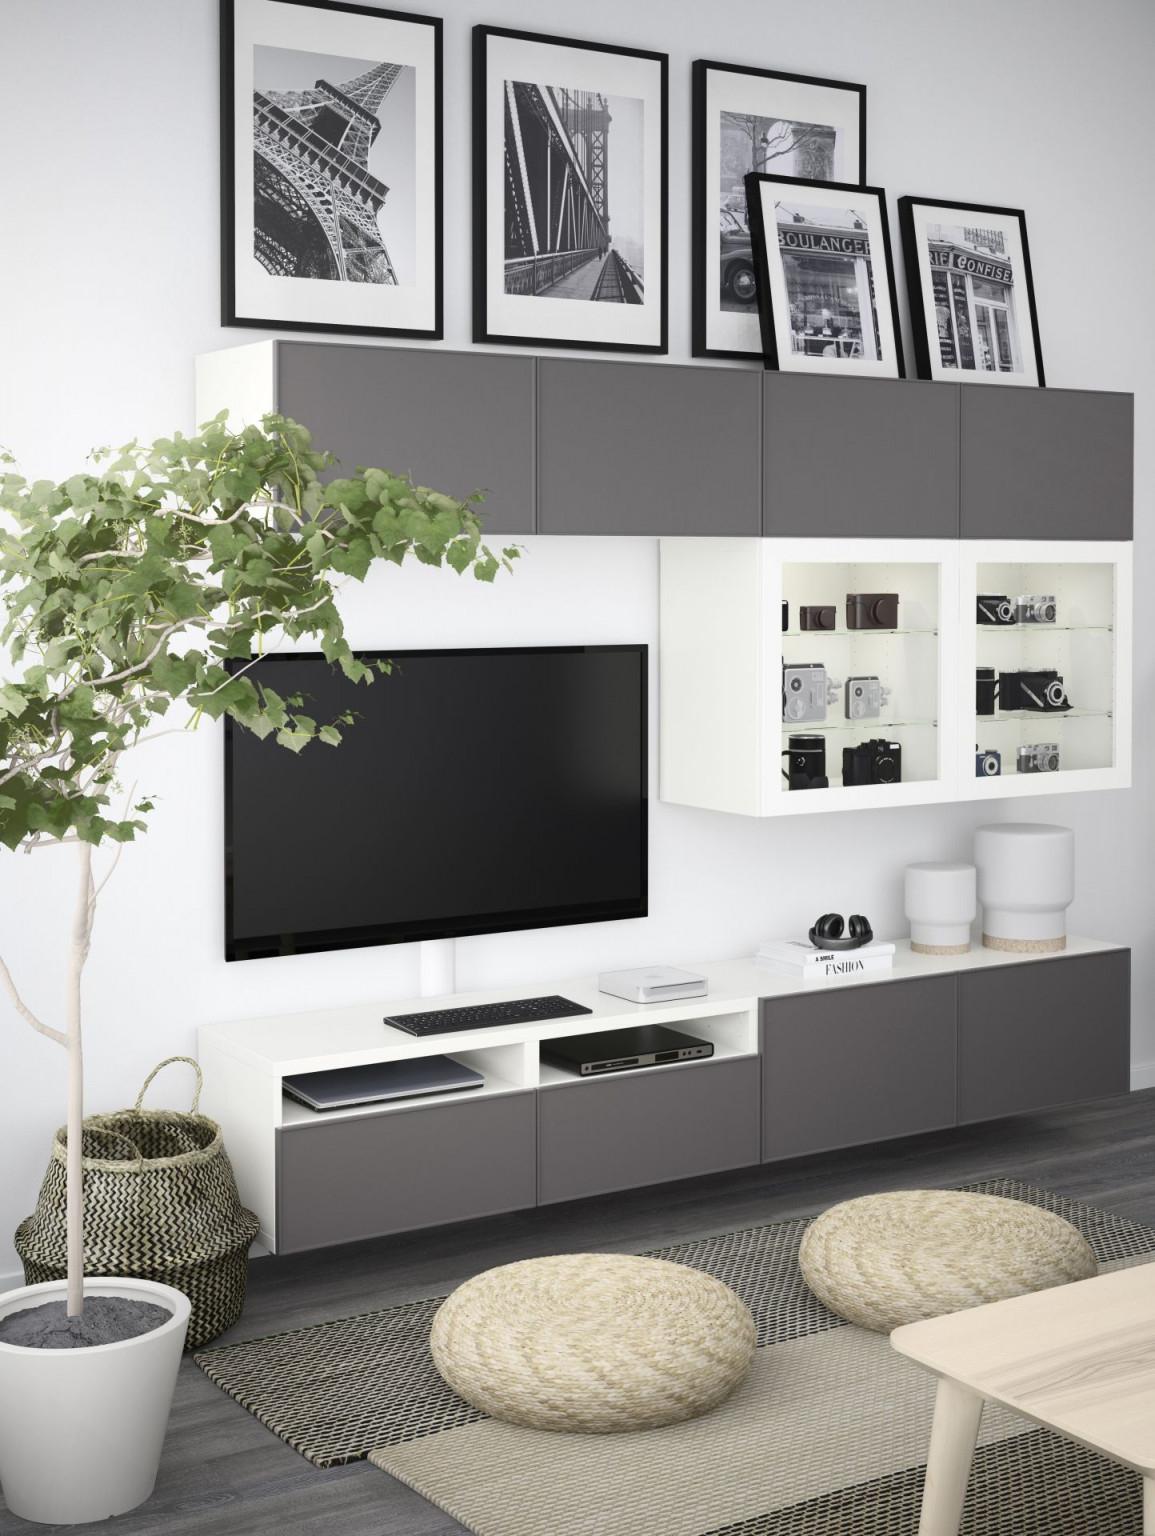 Möbel  Einrichtungsideen Für Dein Zuhause  Wohnzimmer von Besta Wohnzimmer Ideen Bild